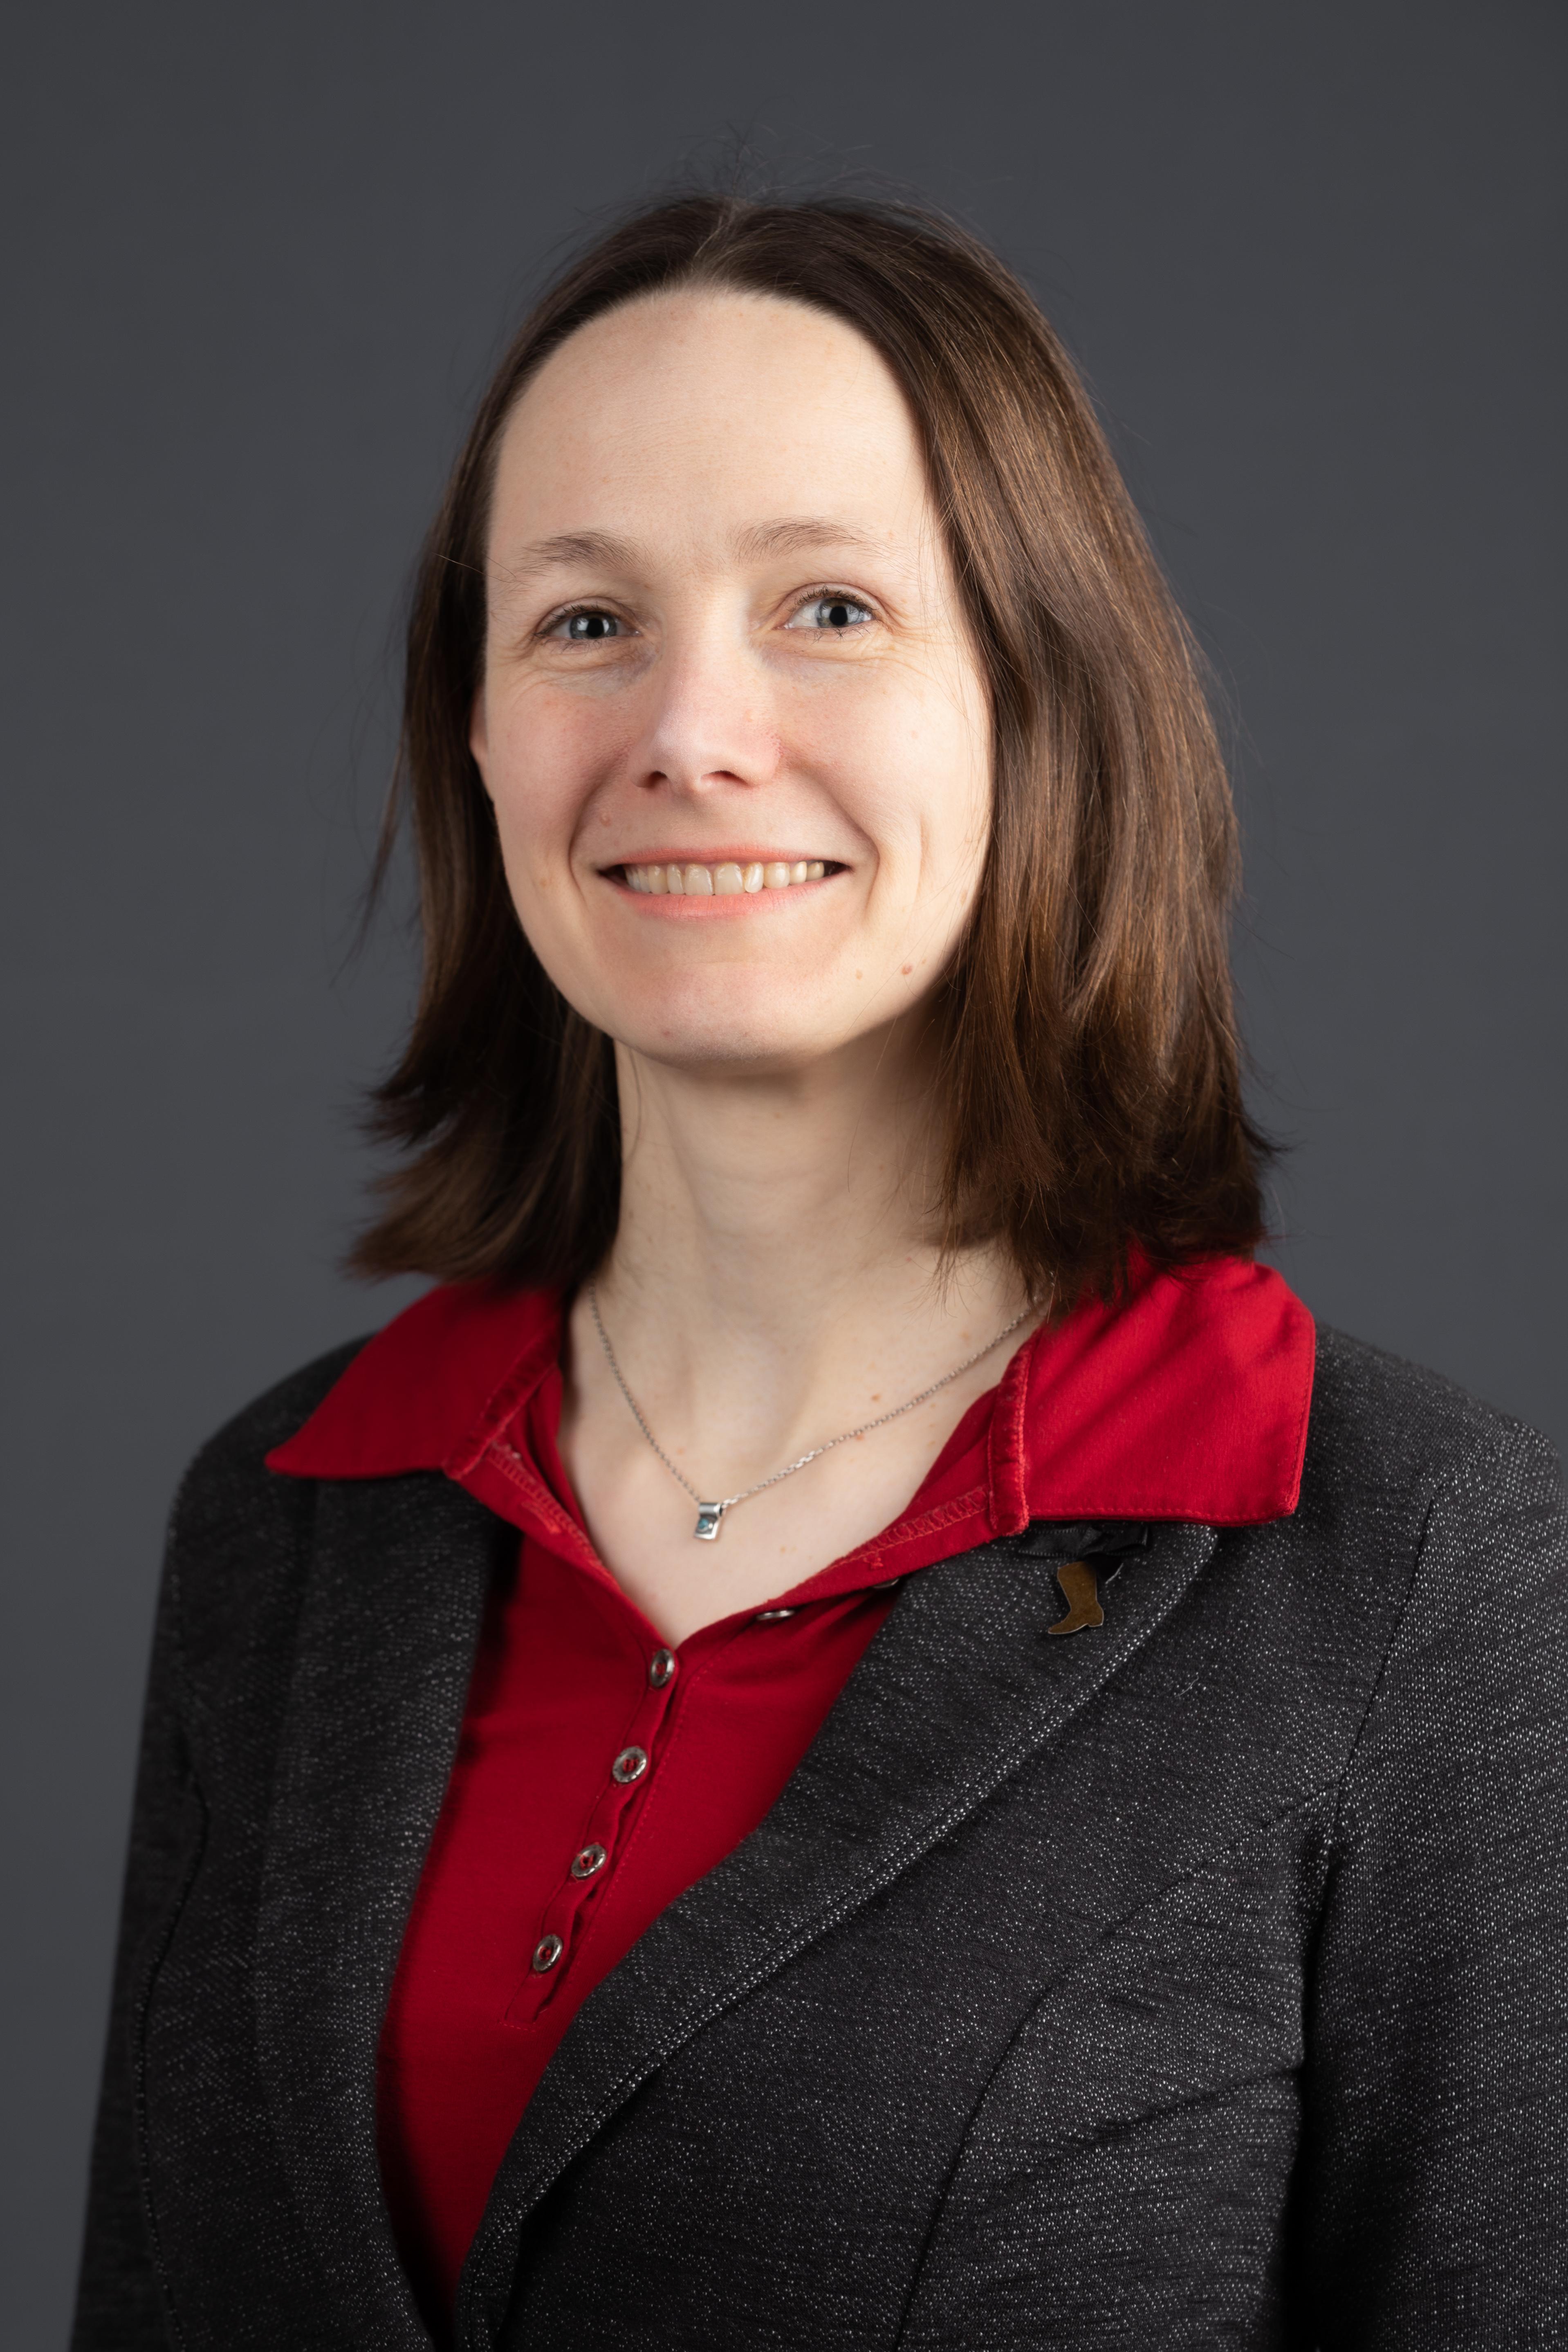 Ingrid Nestle Wikipedia